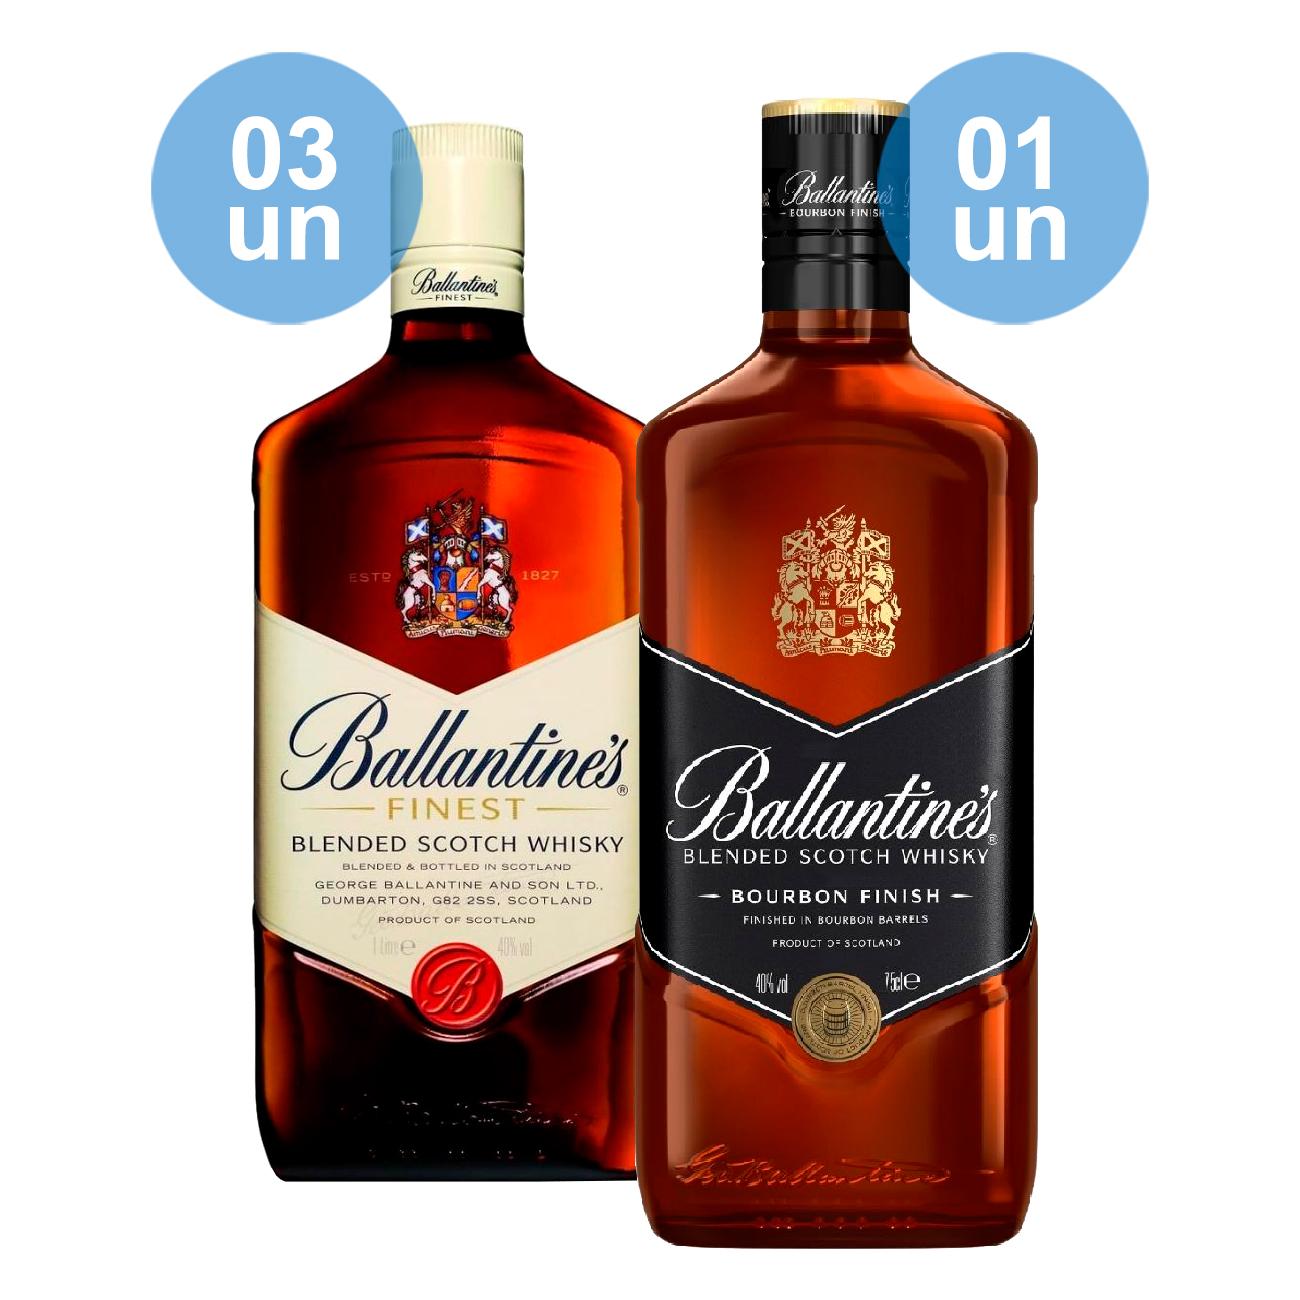 Combo Compre 03 Ballantine's Finest 1L e ganhe 01 Ballantine's Bourbon